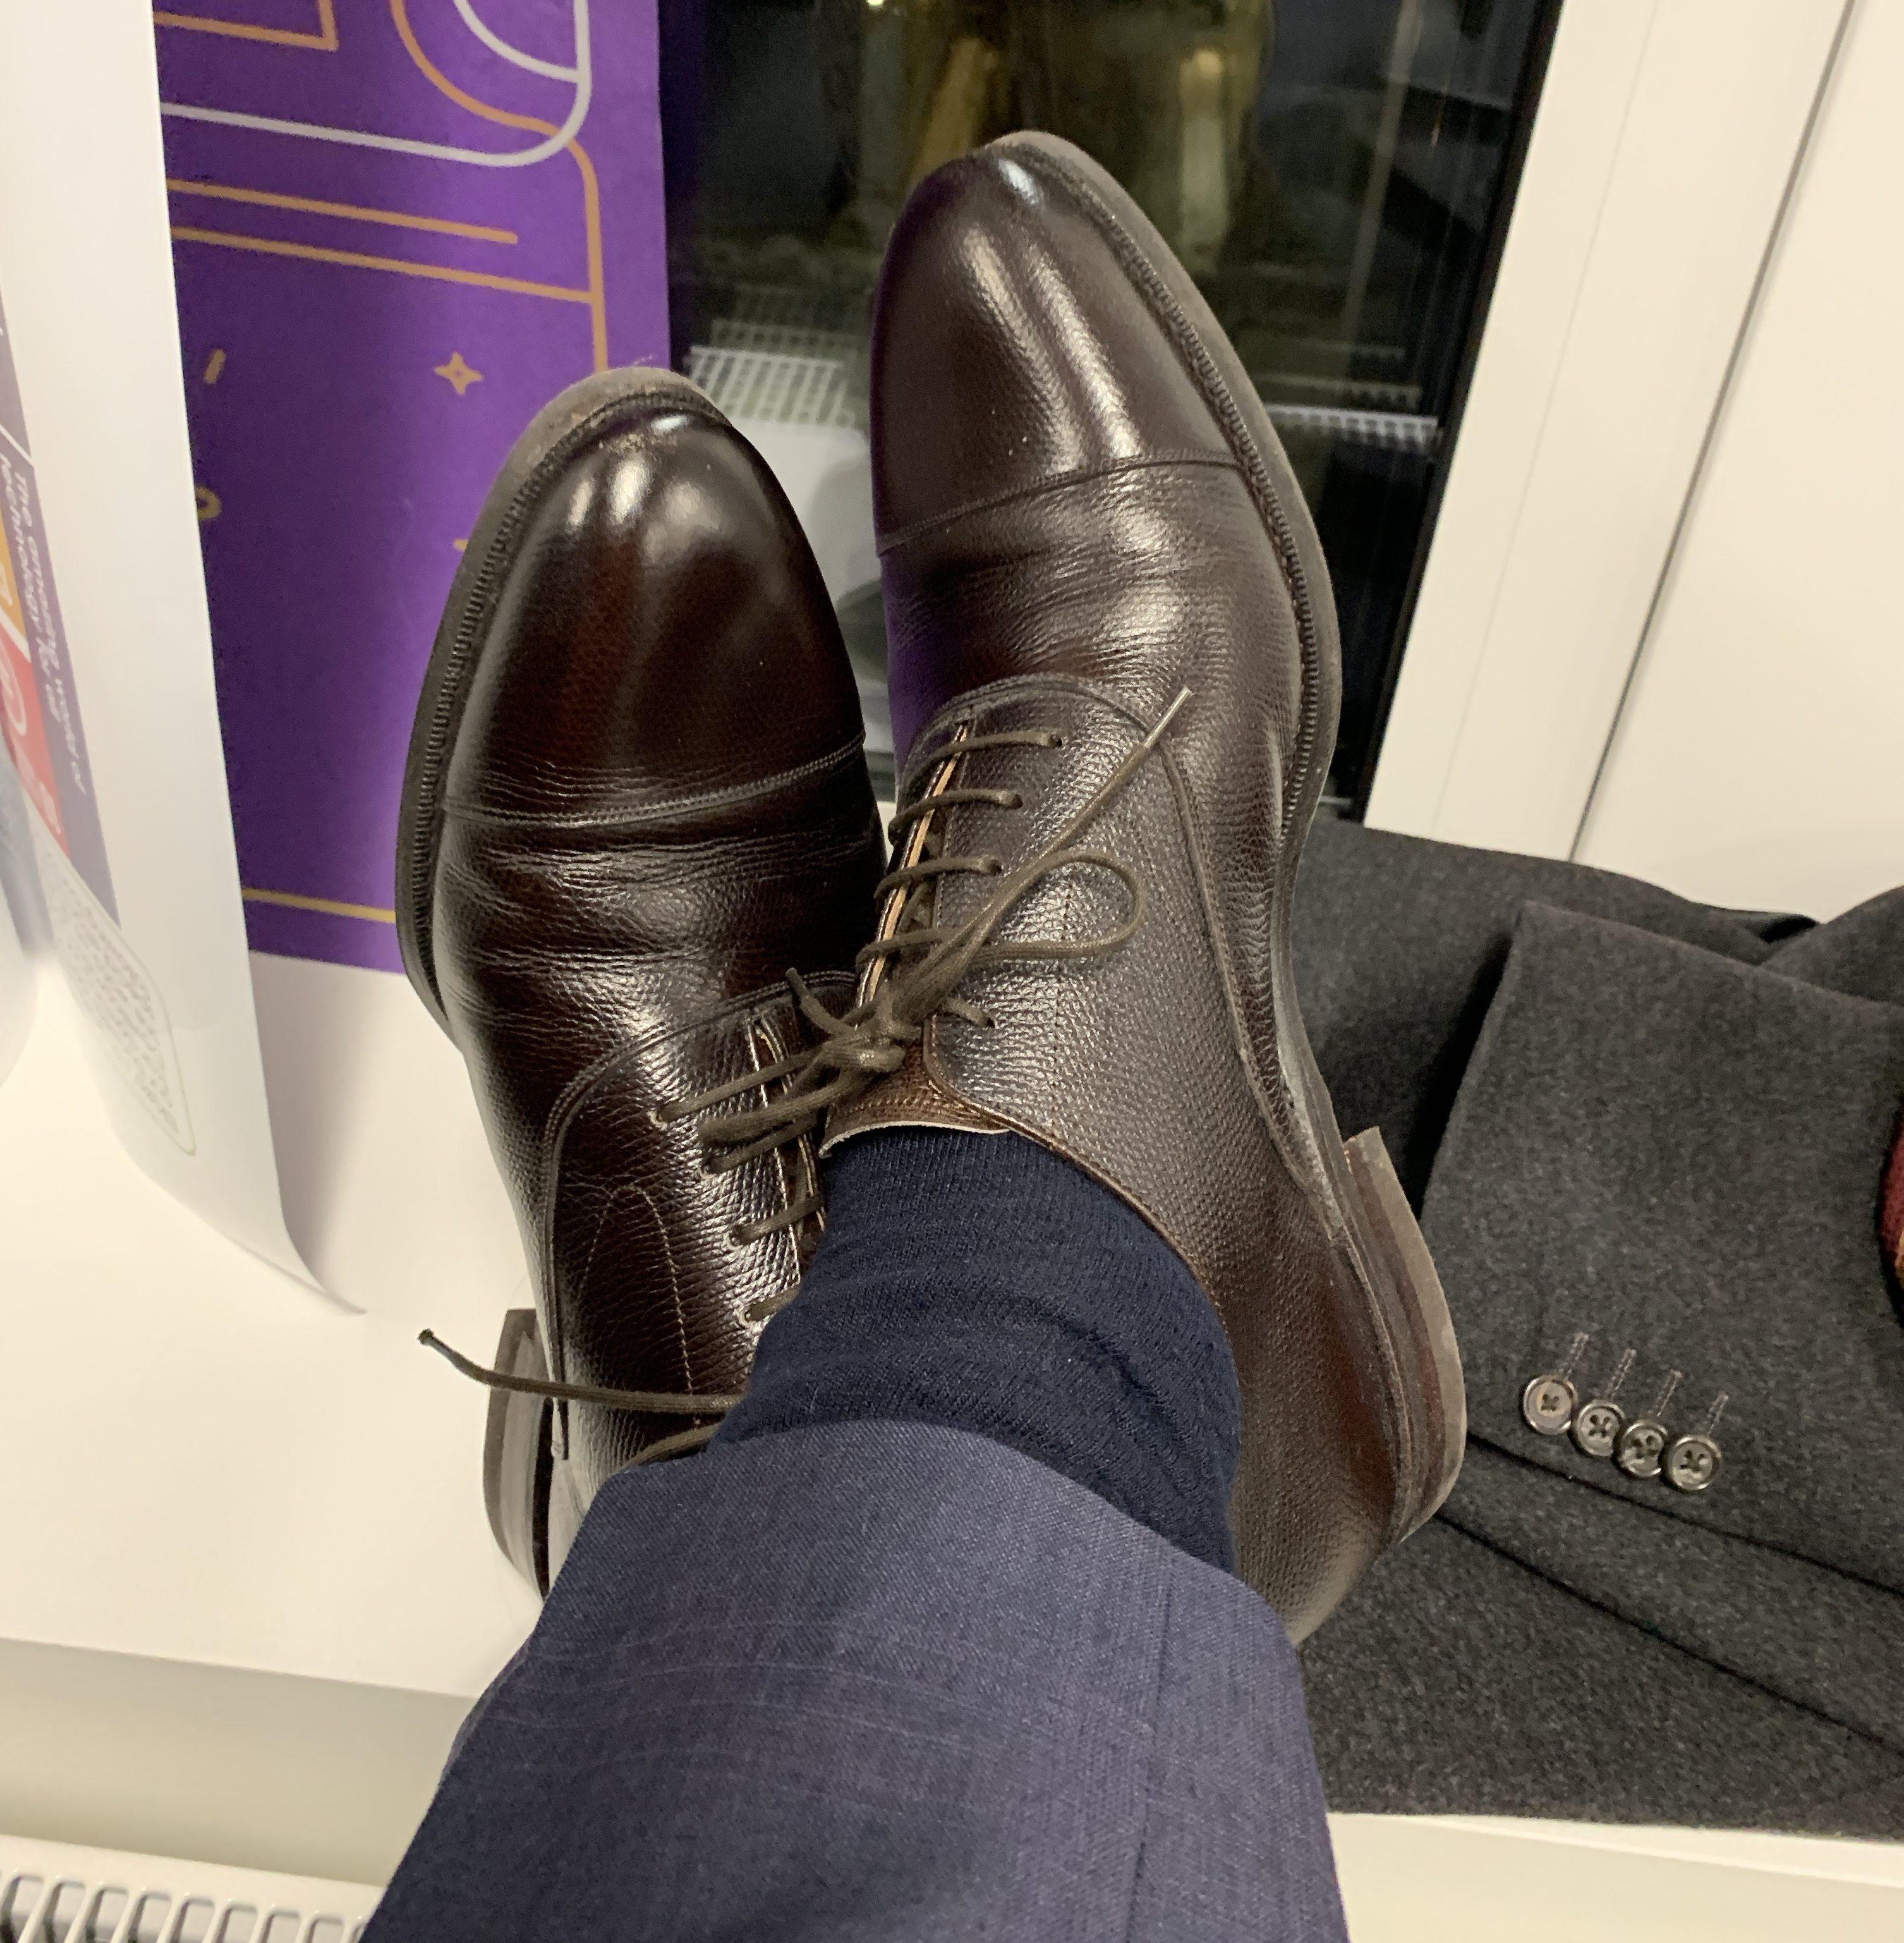 0a57ed4aabef Meermin-skoene til mellomblå dress på kontoret